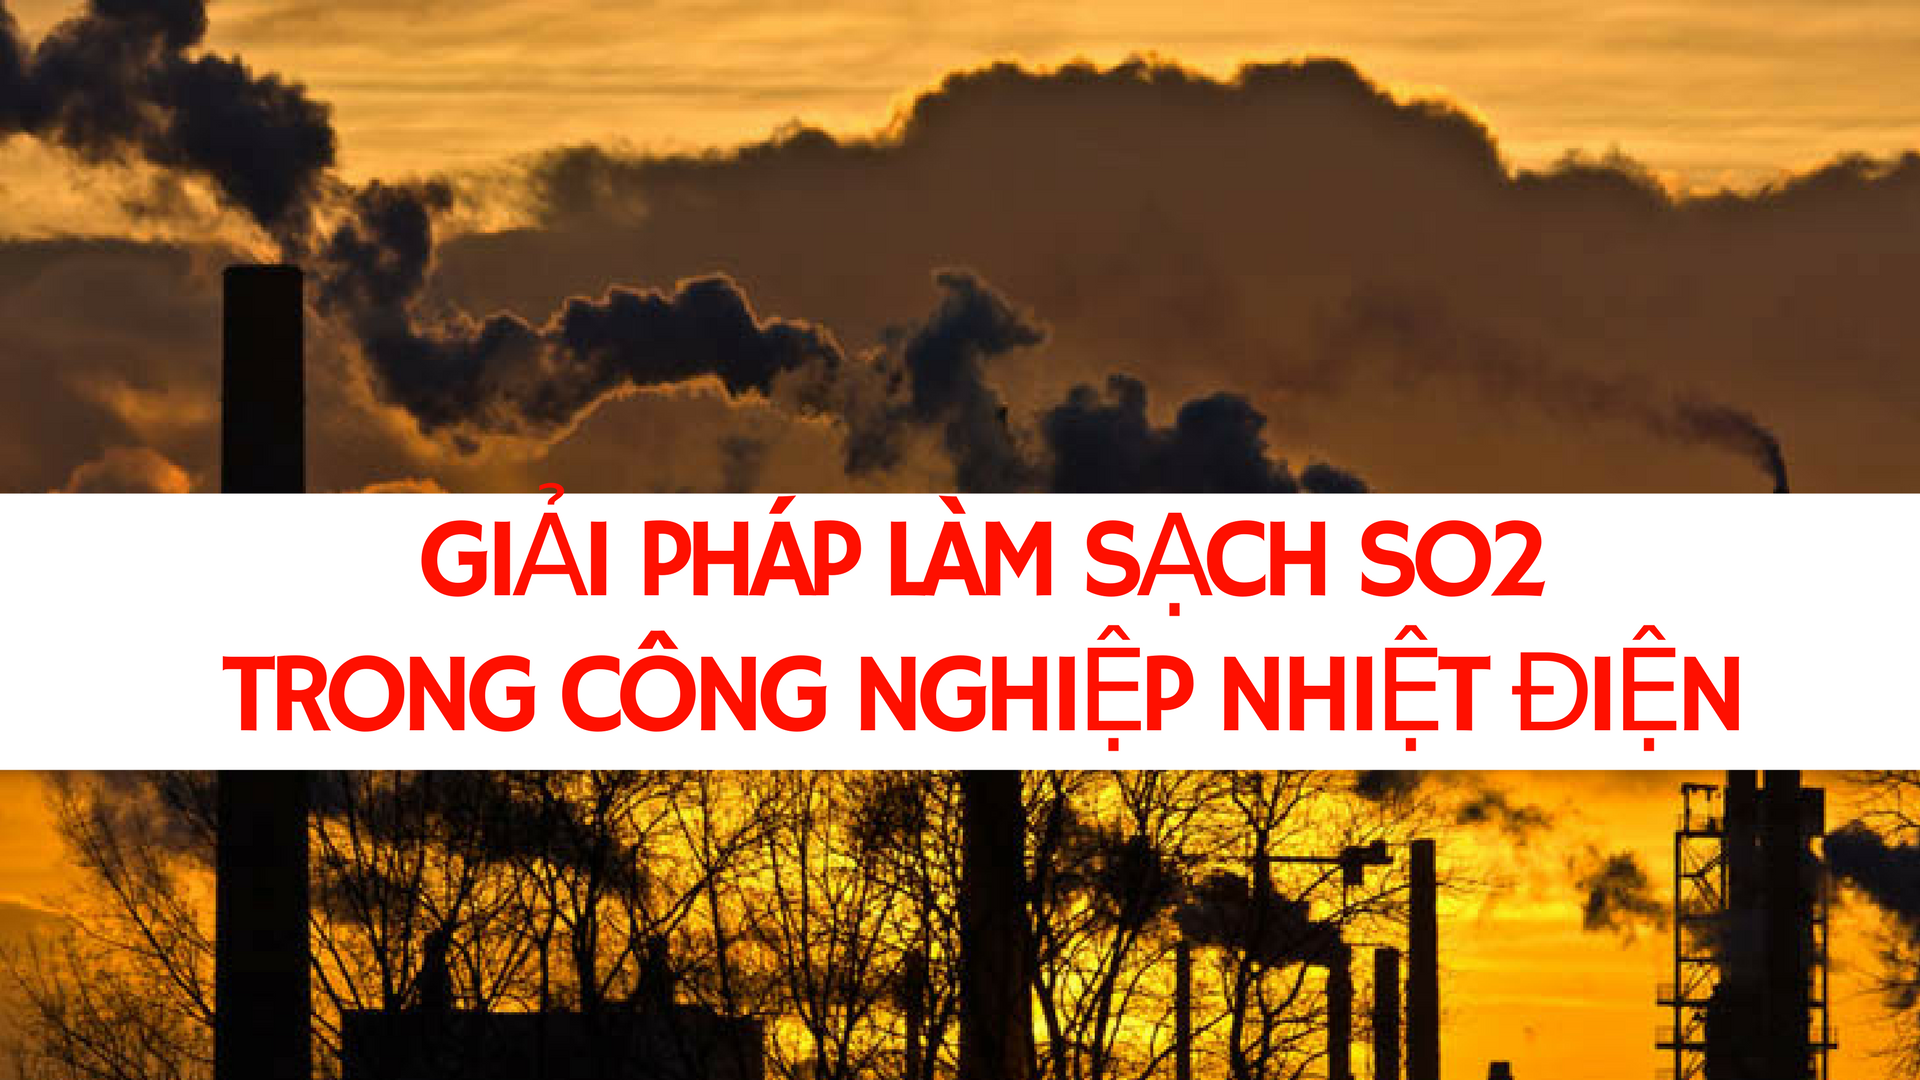 Giải pháp làm sạch SO2 trong công nghiệp nhiệt điện